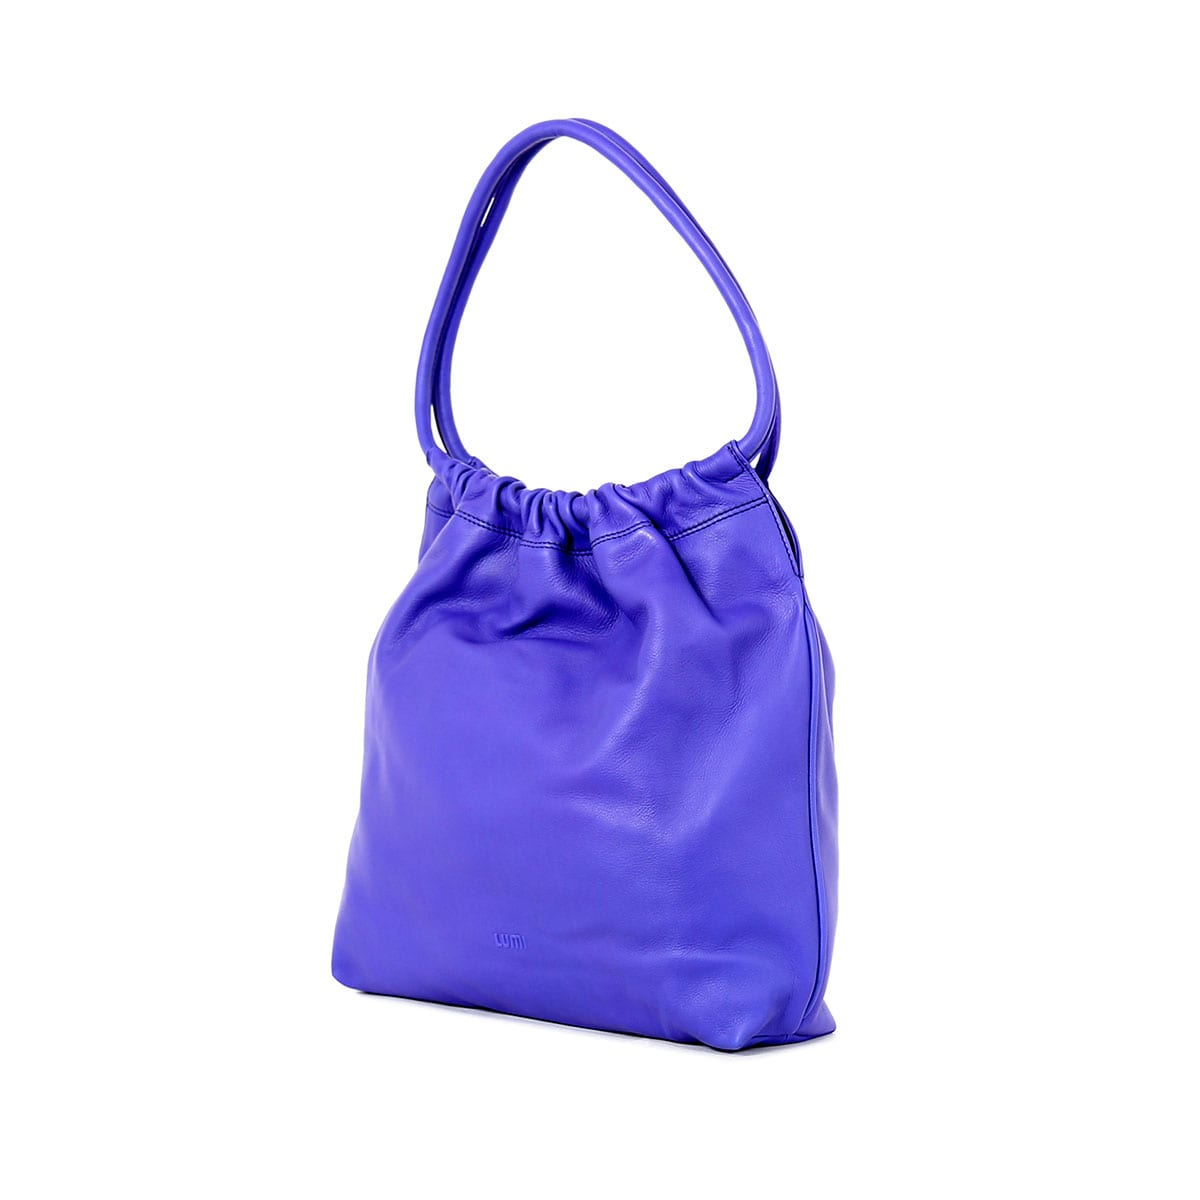 ead6220a42 Martta Drawstring Bag Violet – Lumi Accessories